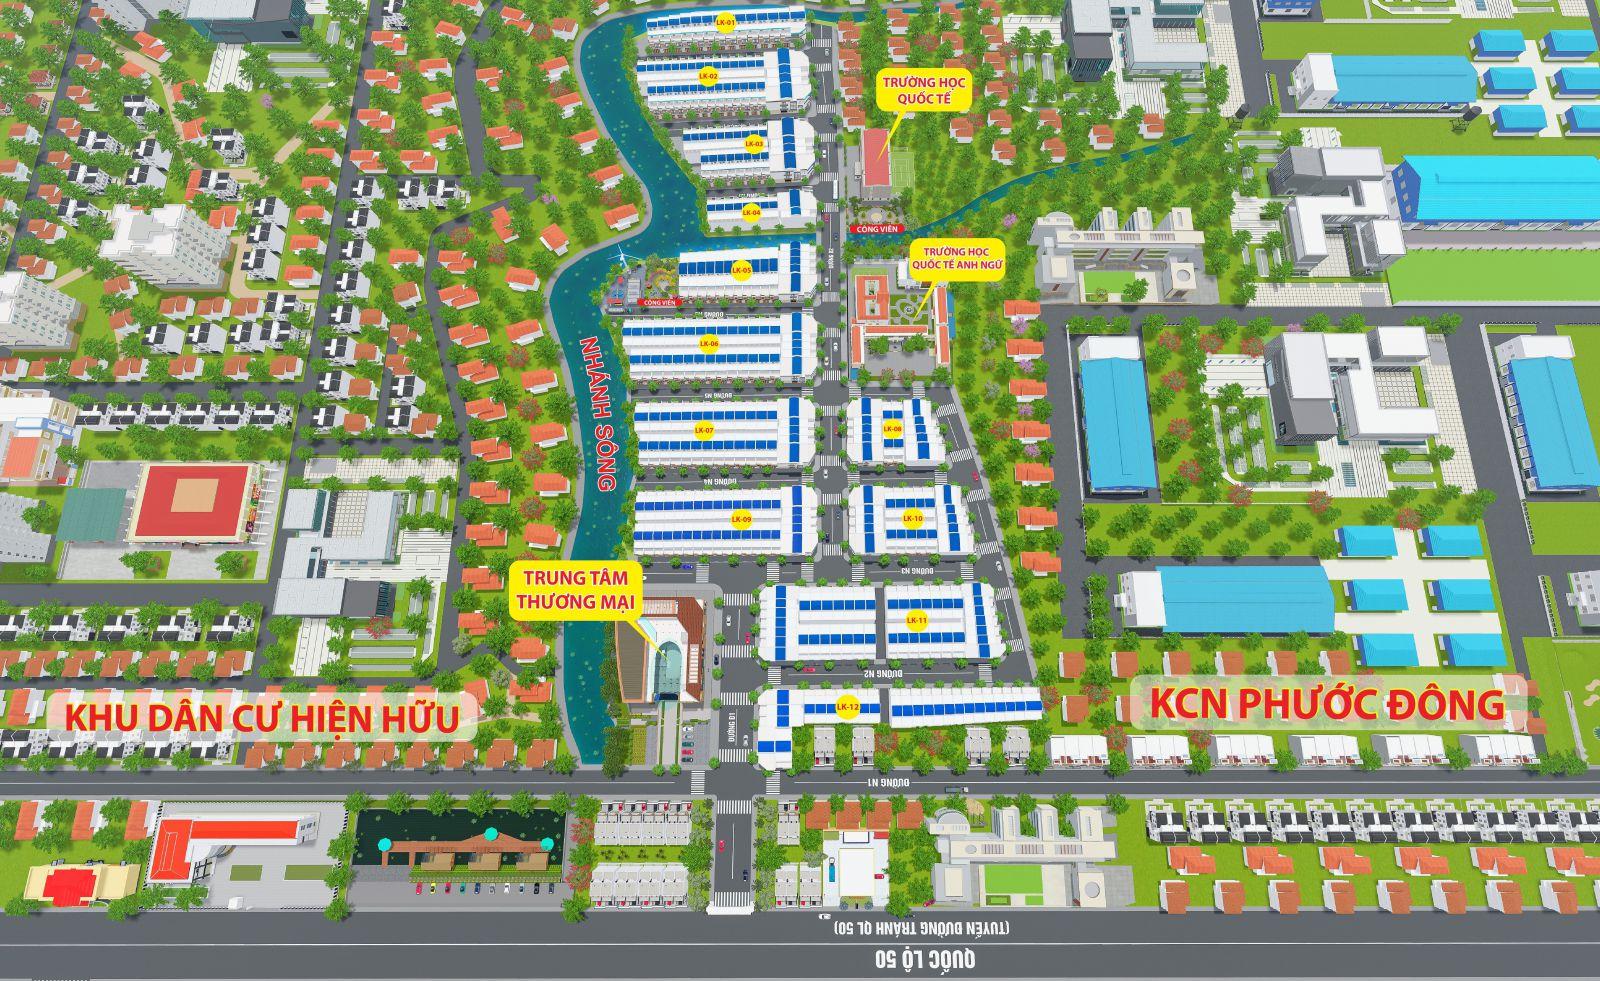 https://hongphatgroup.com.vn/upload/images/mat-bang-tien-ich-du-an-phuoc-dong-garden-2021.jpg